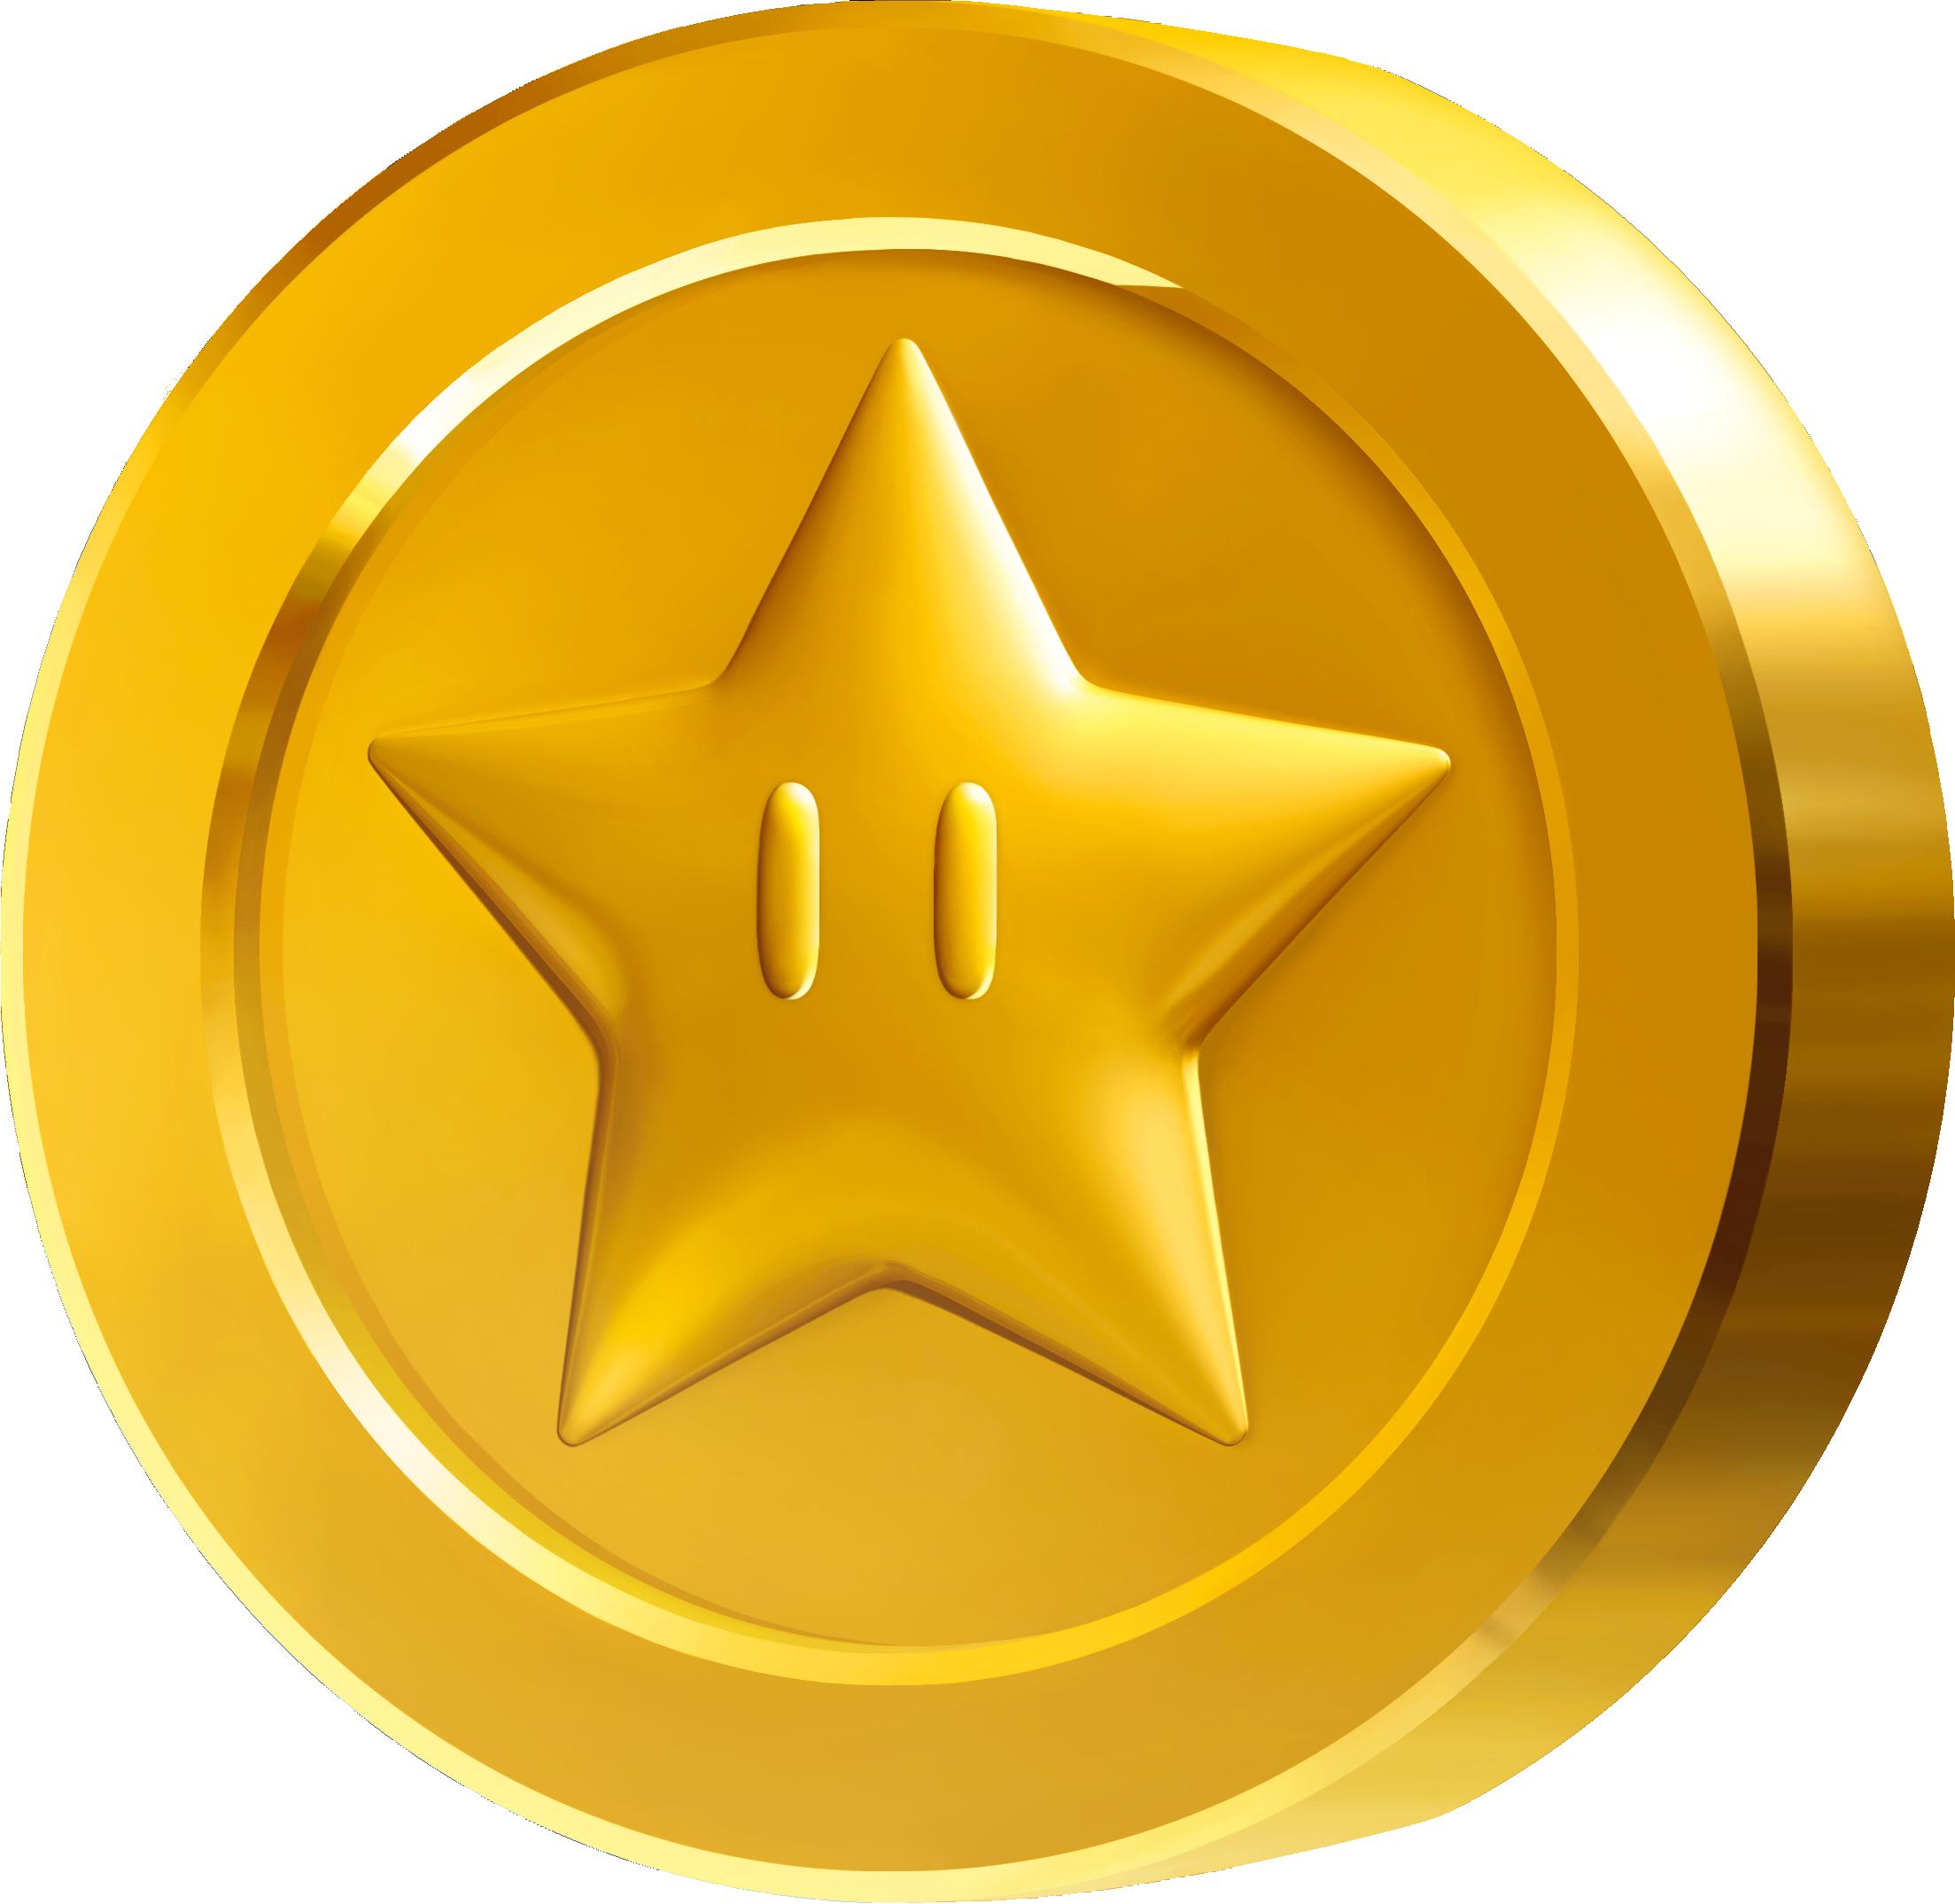 Mario bros . Coins clipart token